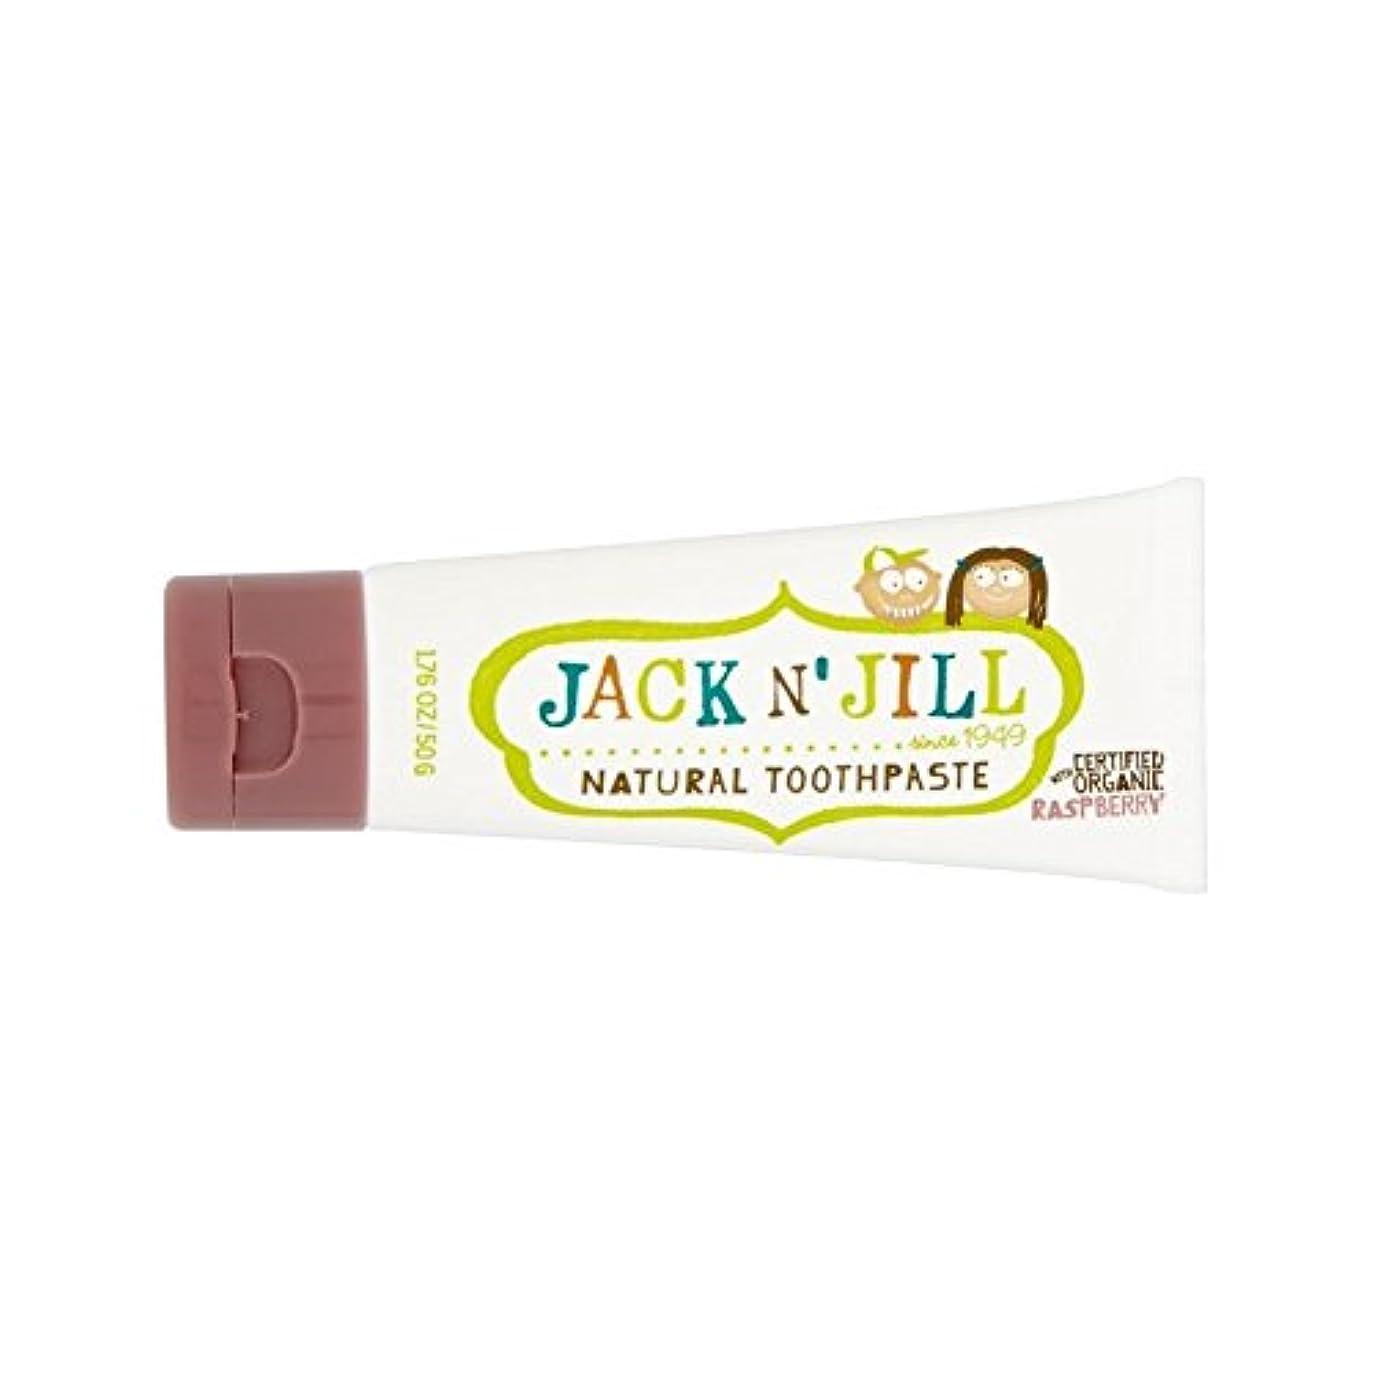 規範ぜいたく管理する有機香味50グラム天然ラズベリー歯磨き粉 (Jack N Jill) - Jack N' Jill Raspberry Toothpaste Natural with Organic Flavouring 50g [並行輸入品]